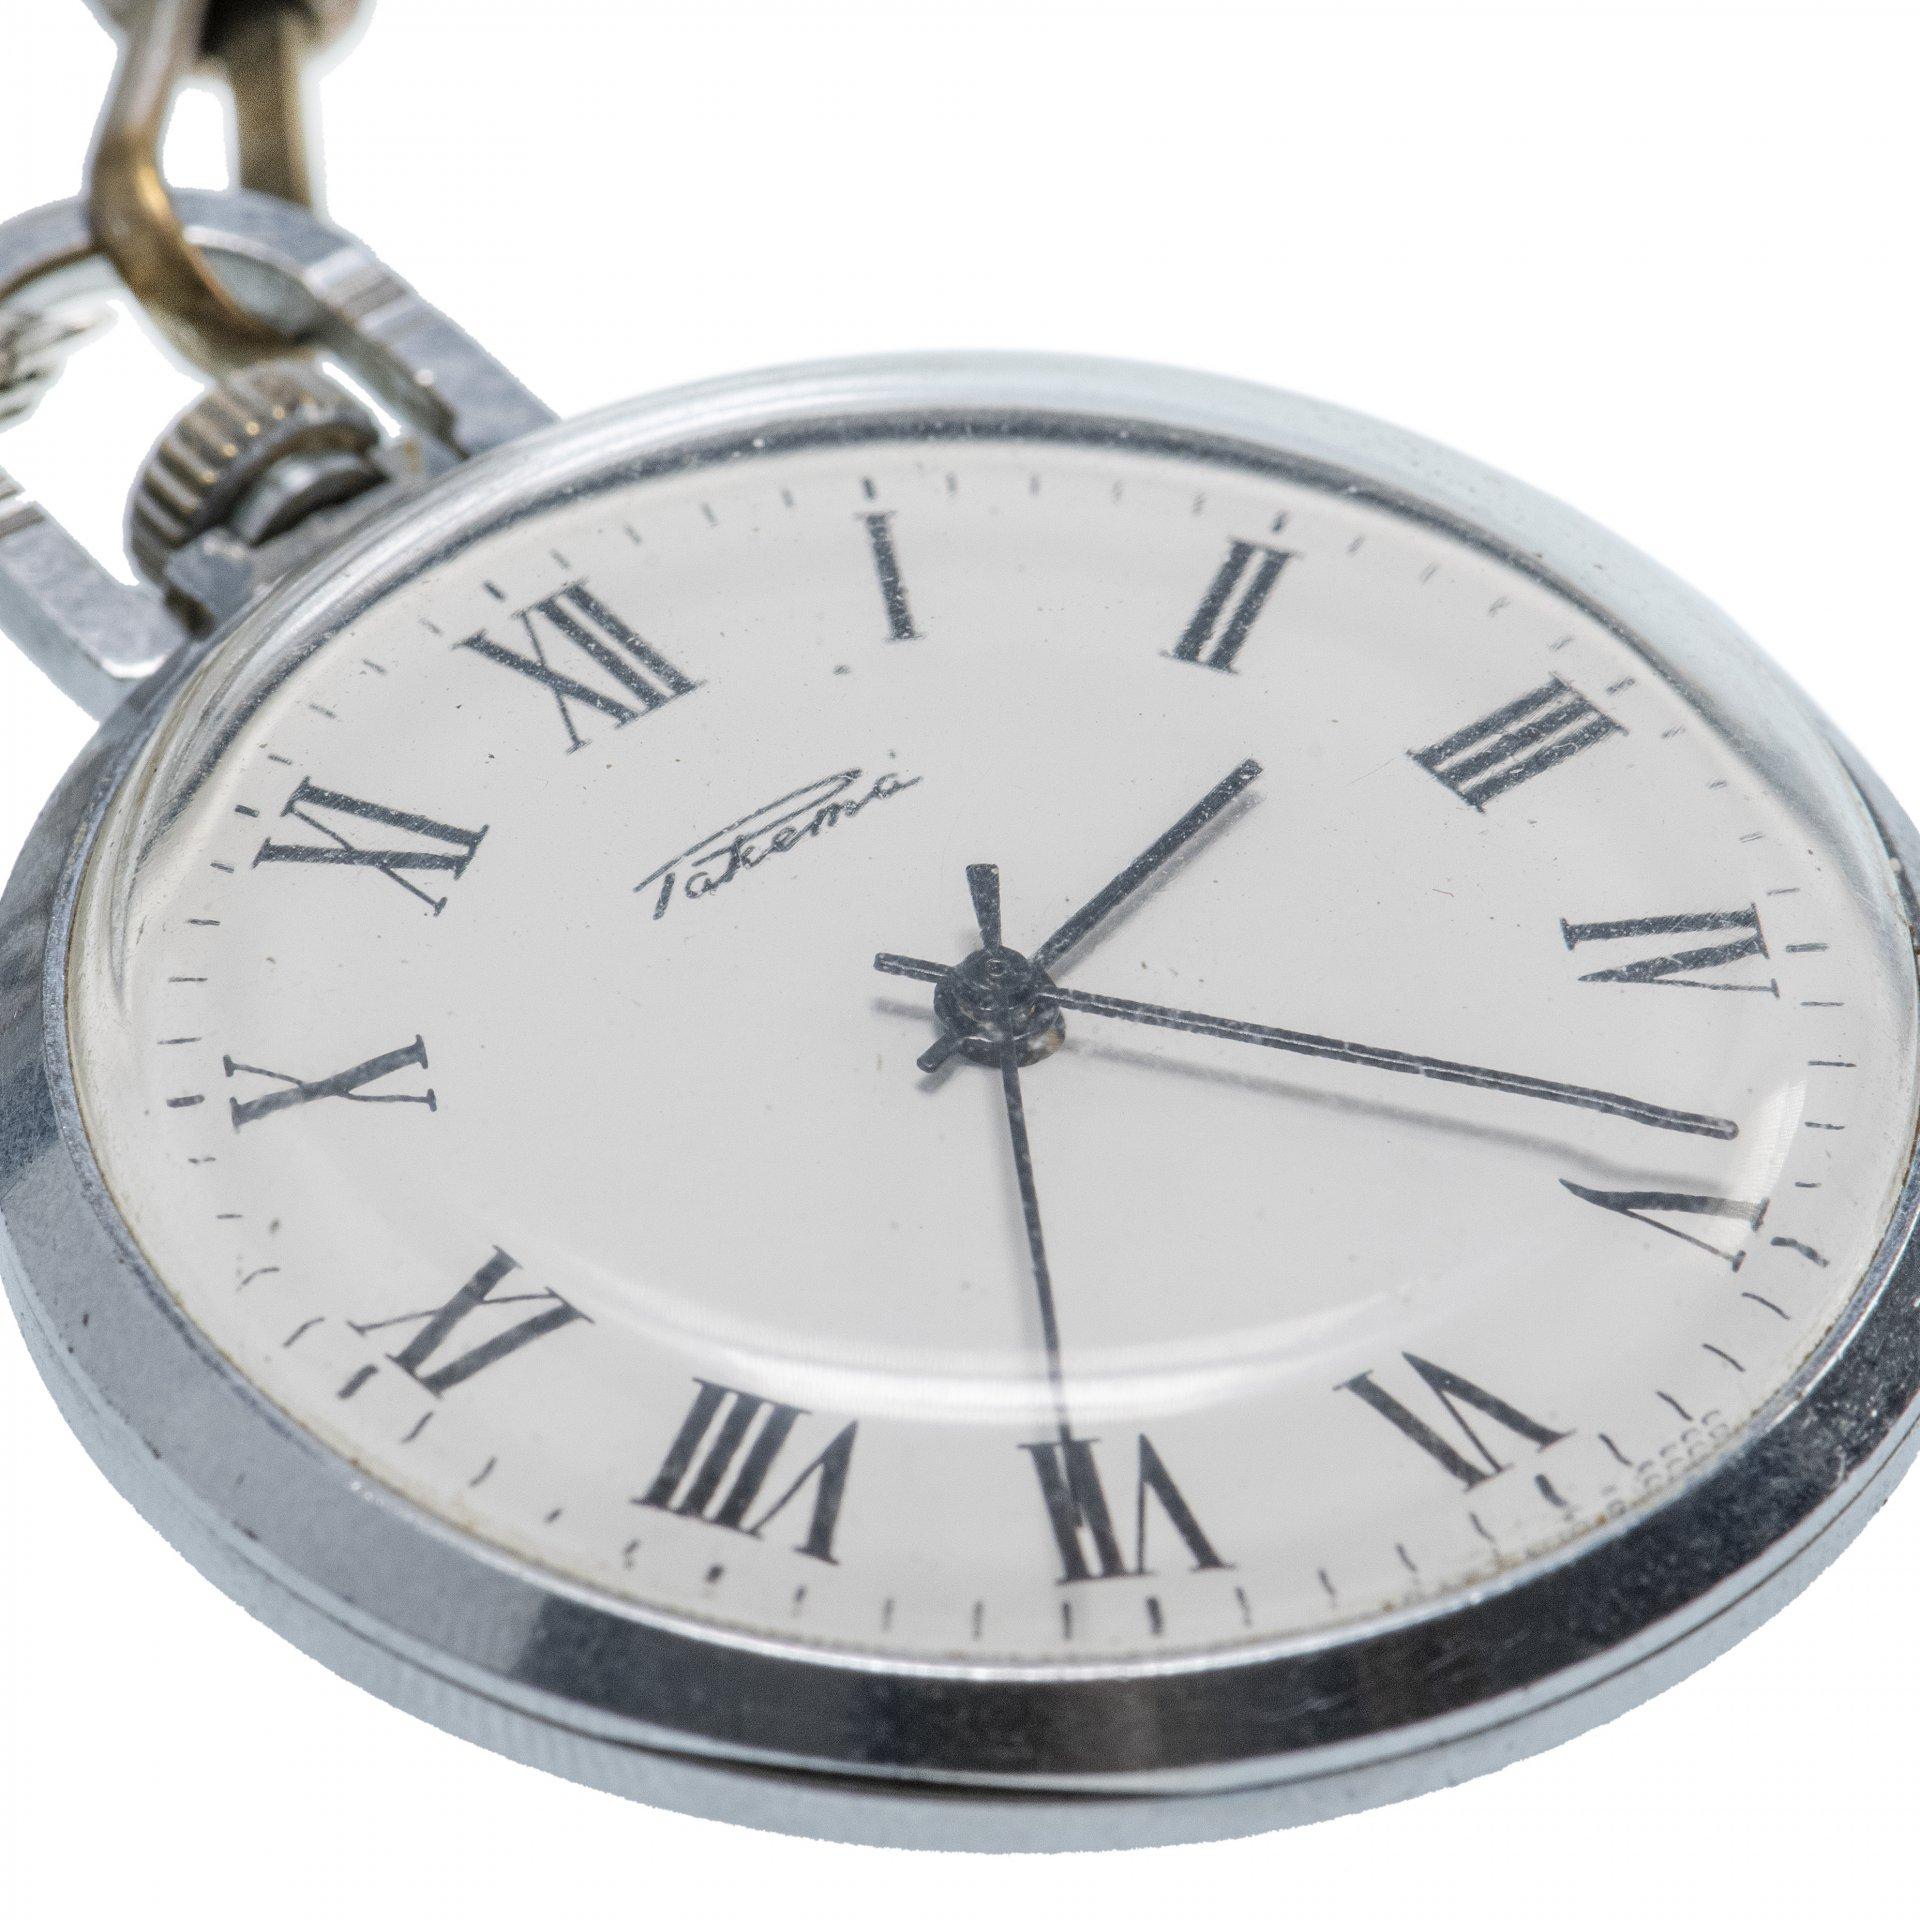 Ссср стоимость и часы карманные ракета каталог ломбард россия часы